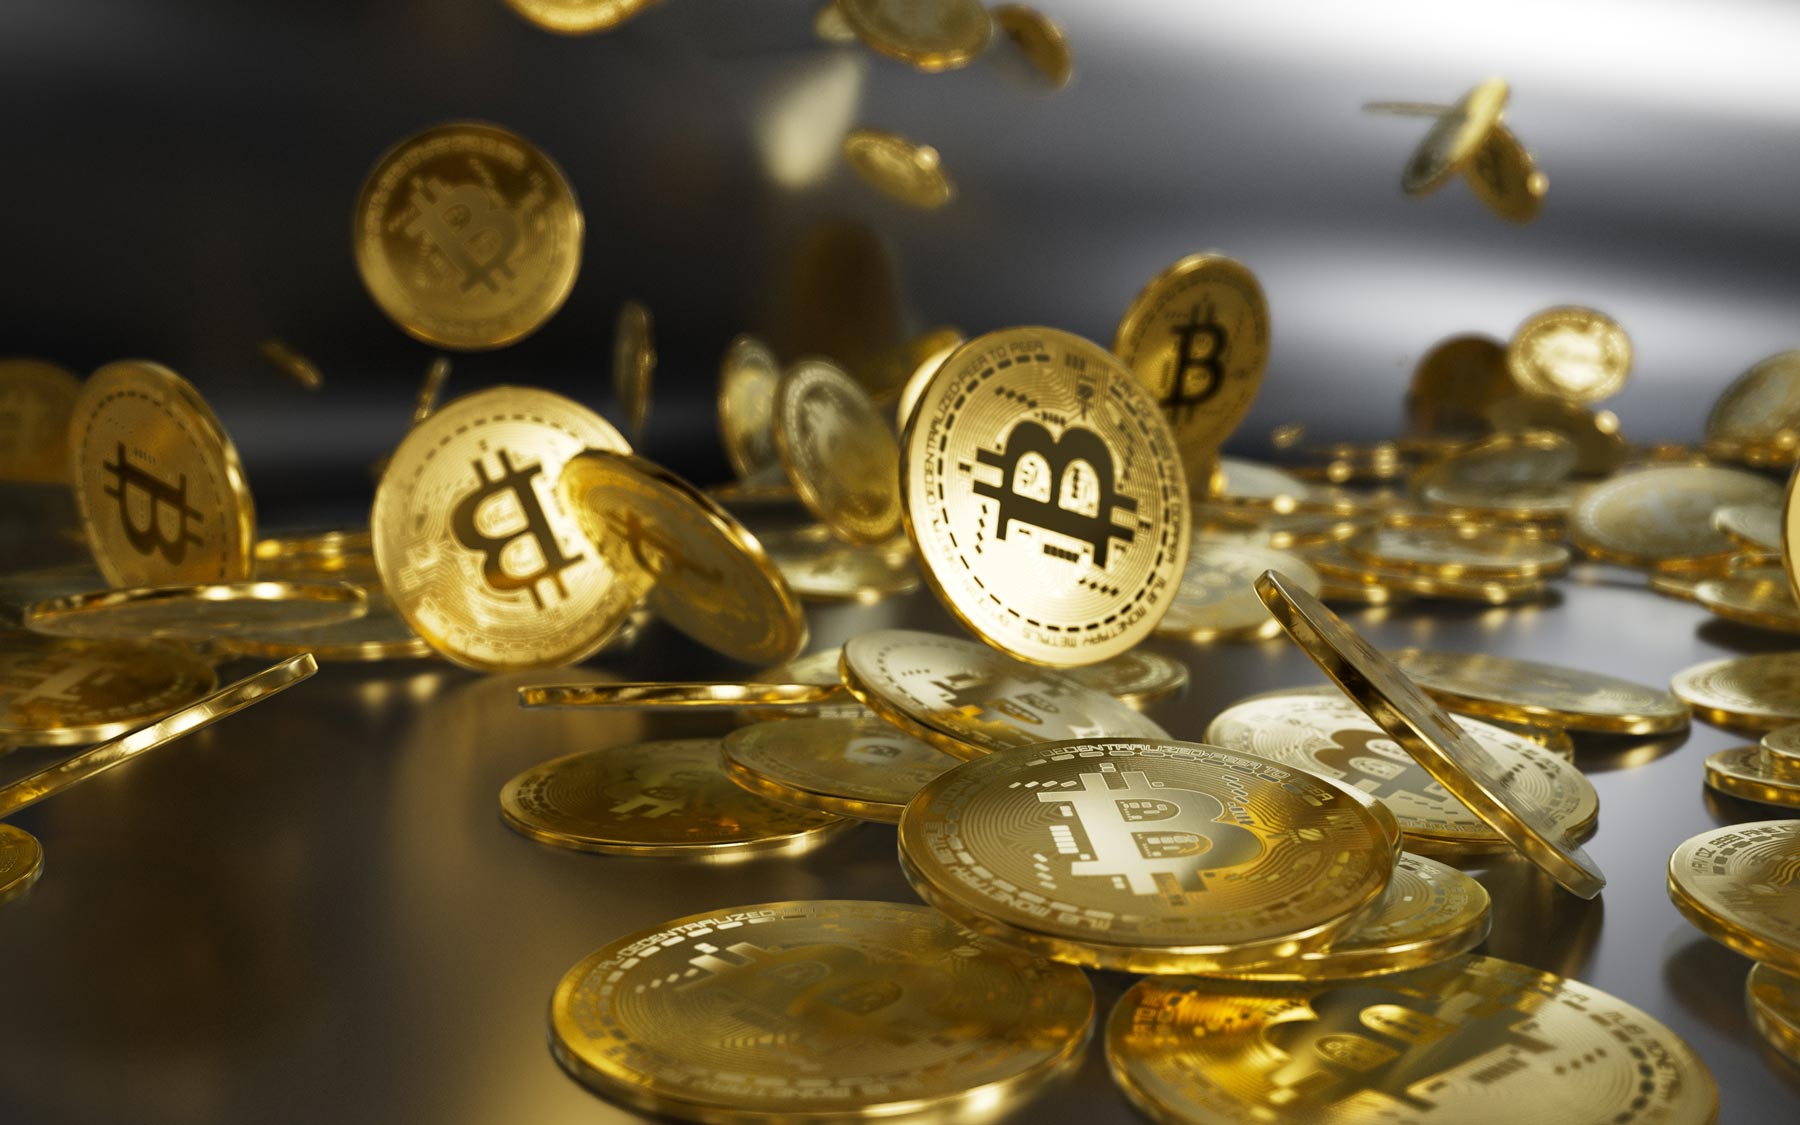 100 bitcoins da era de Satoshi Nakamoto são movidos pela primeira vez em 11 anos